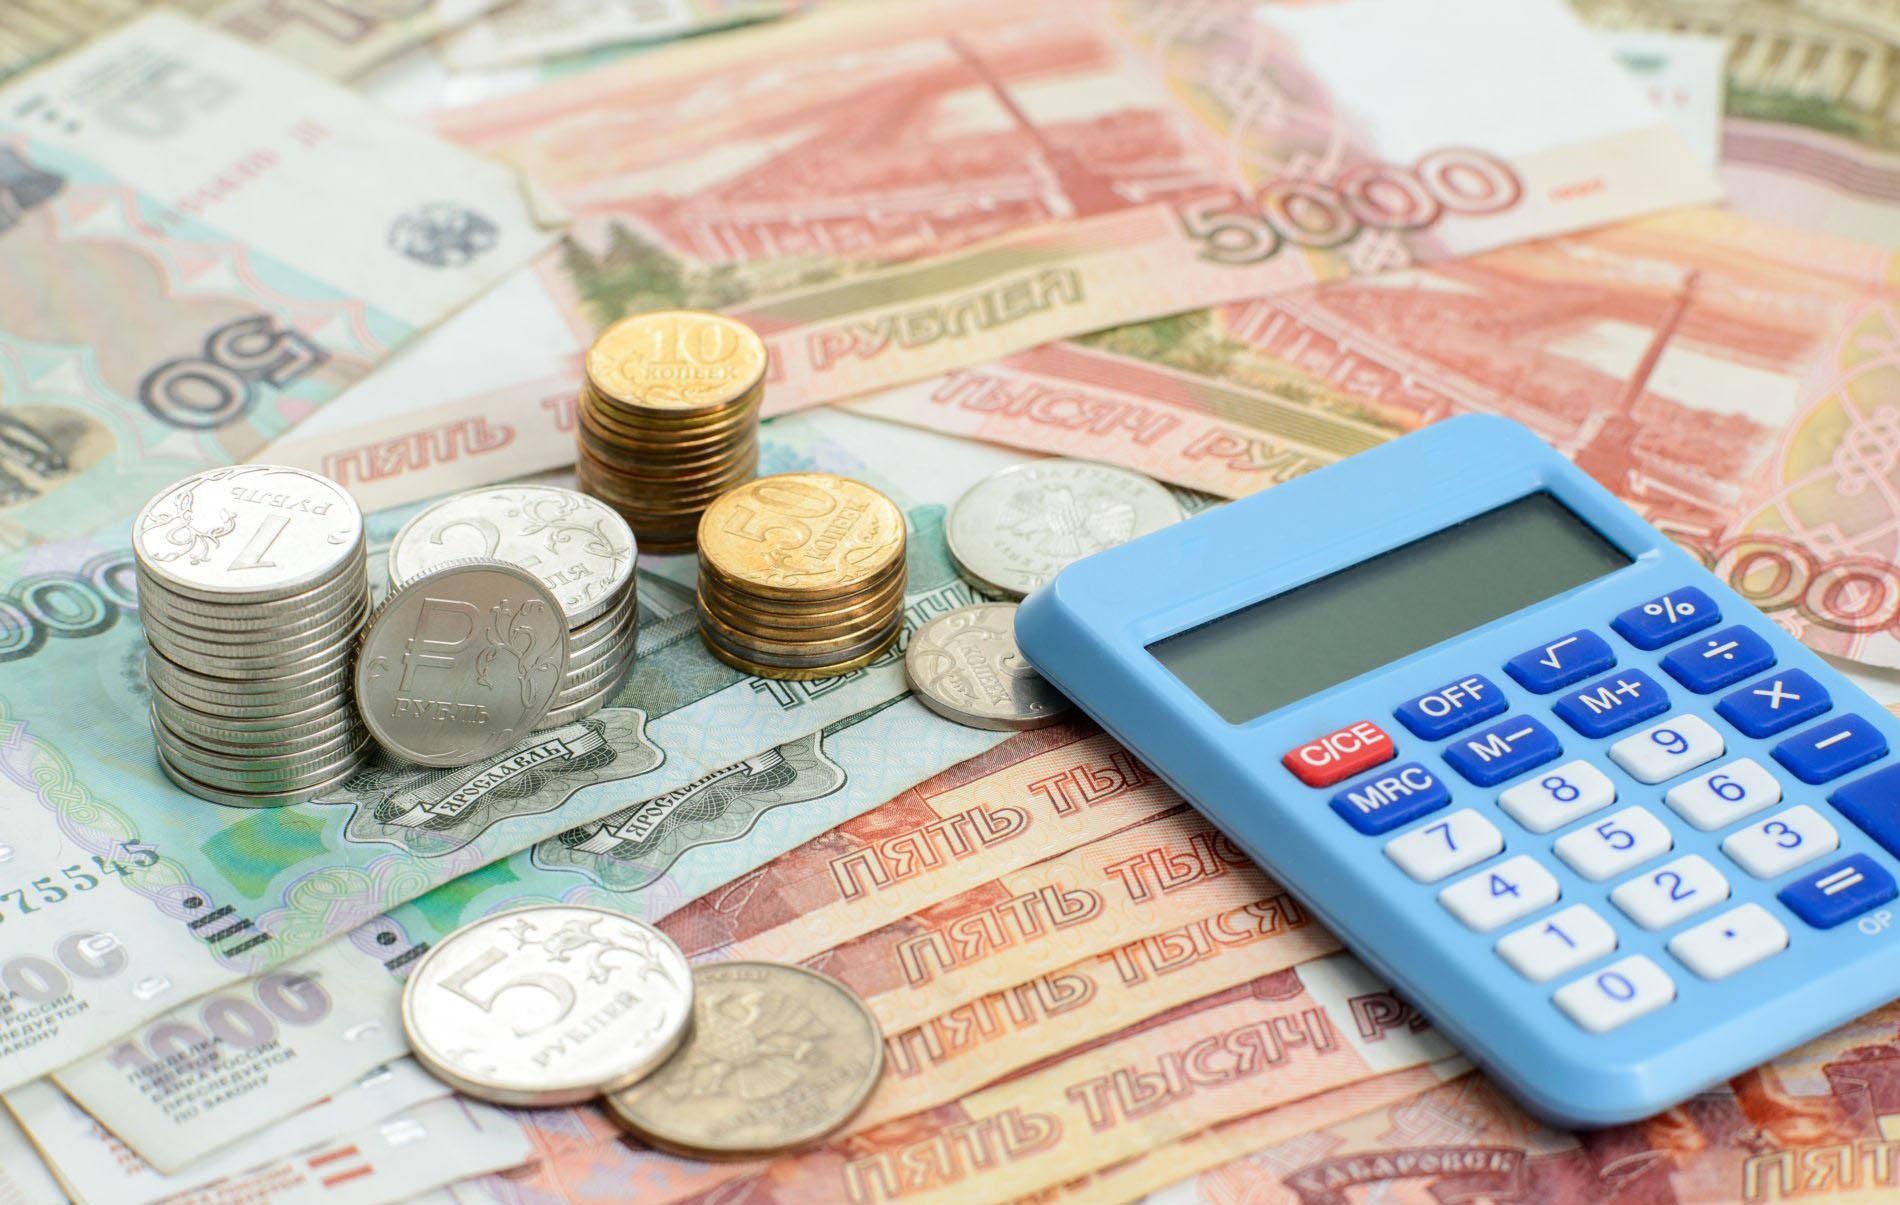 Как оформить кредит с непогашенными долгами: предложения МФО 2019